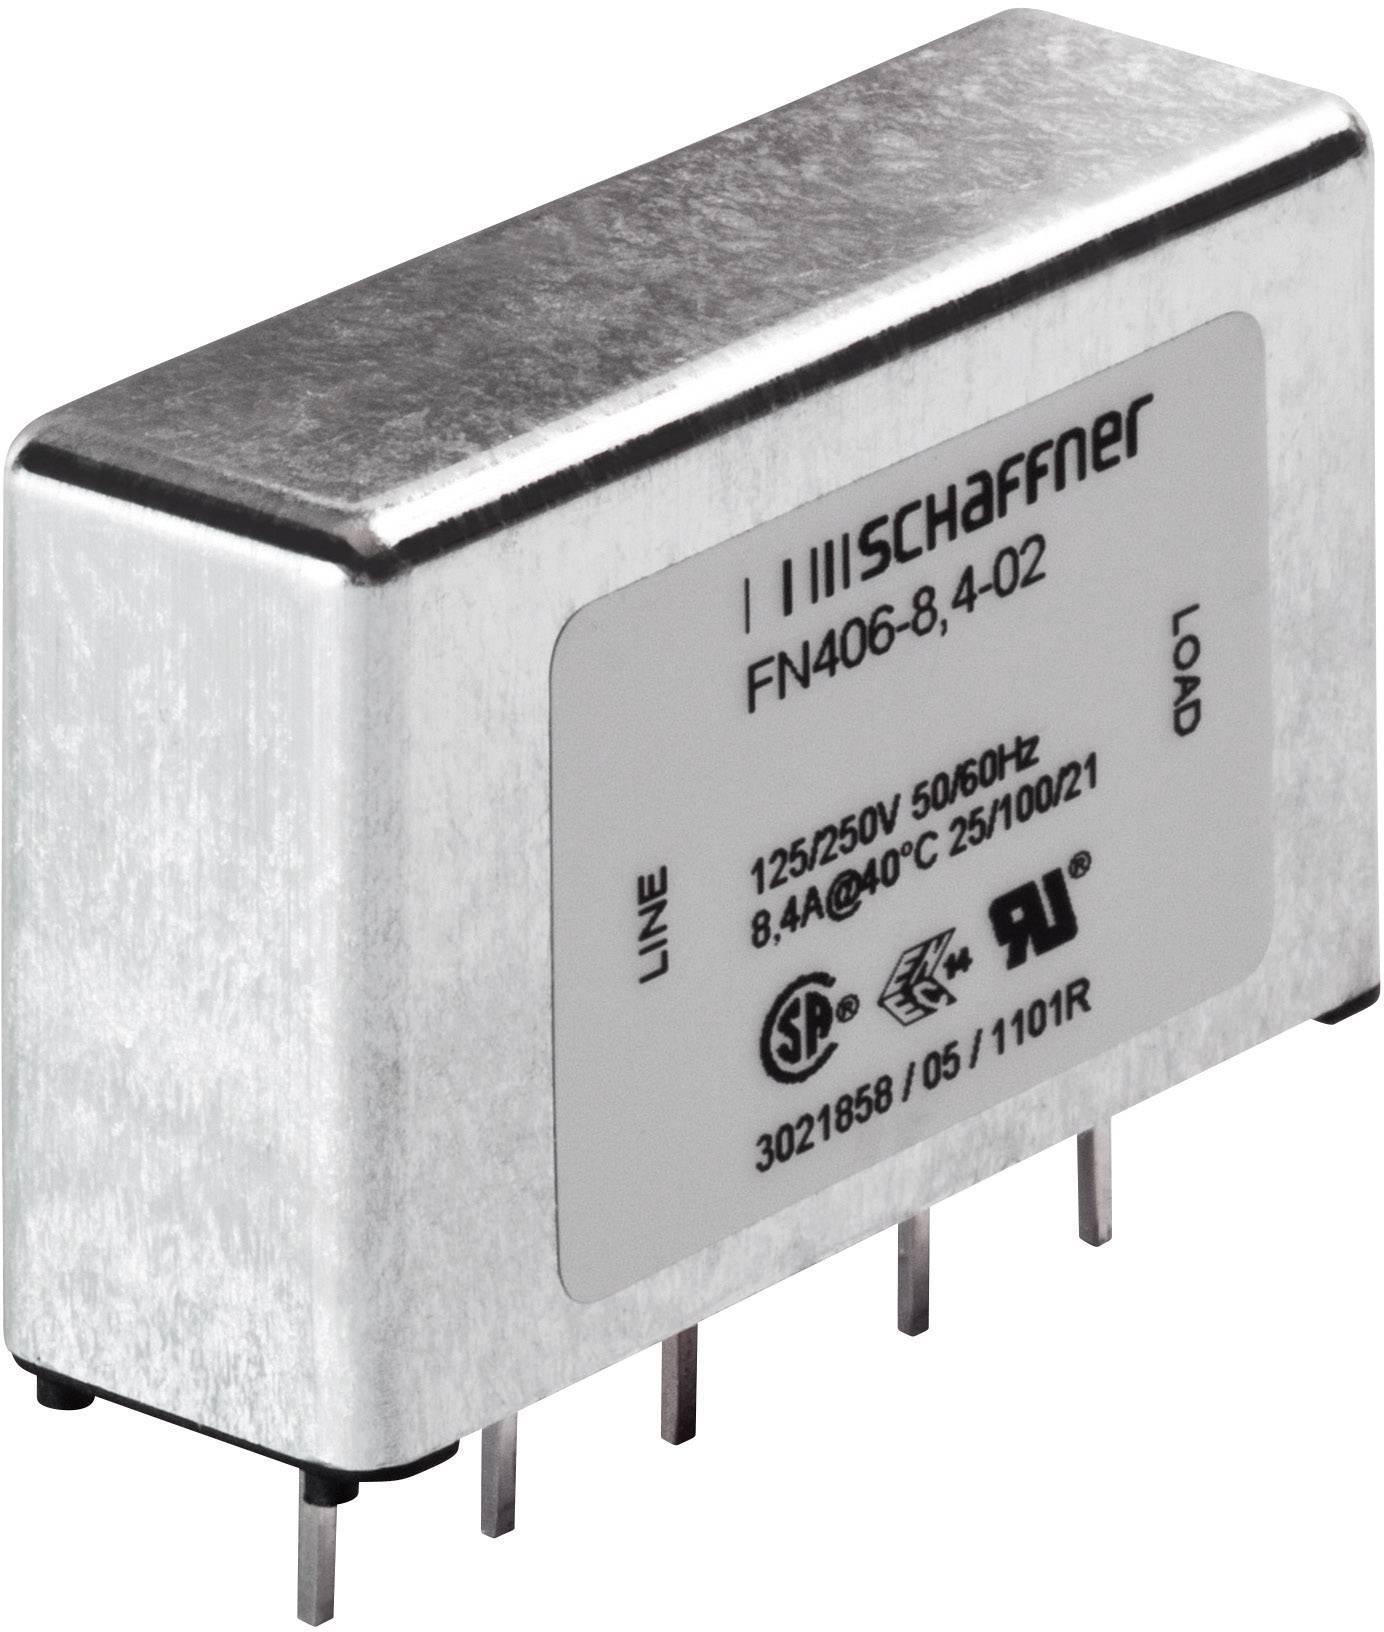 Síťový filtr do DPS Schaffner, FN 406-1-02, 12 mH, 250 V/AC, 1 A